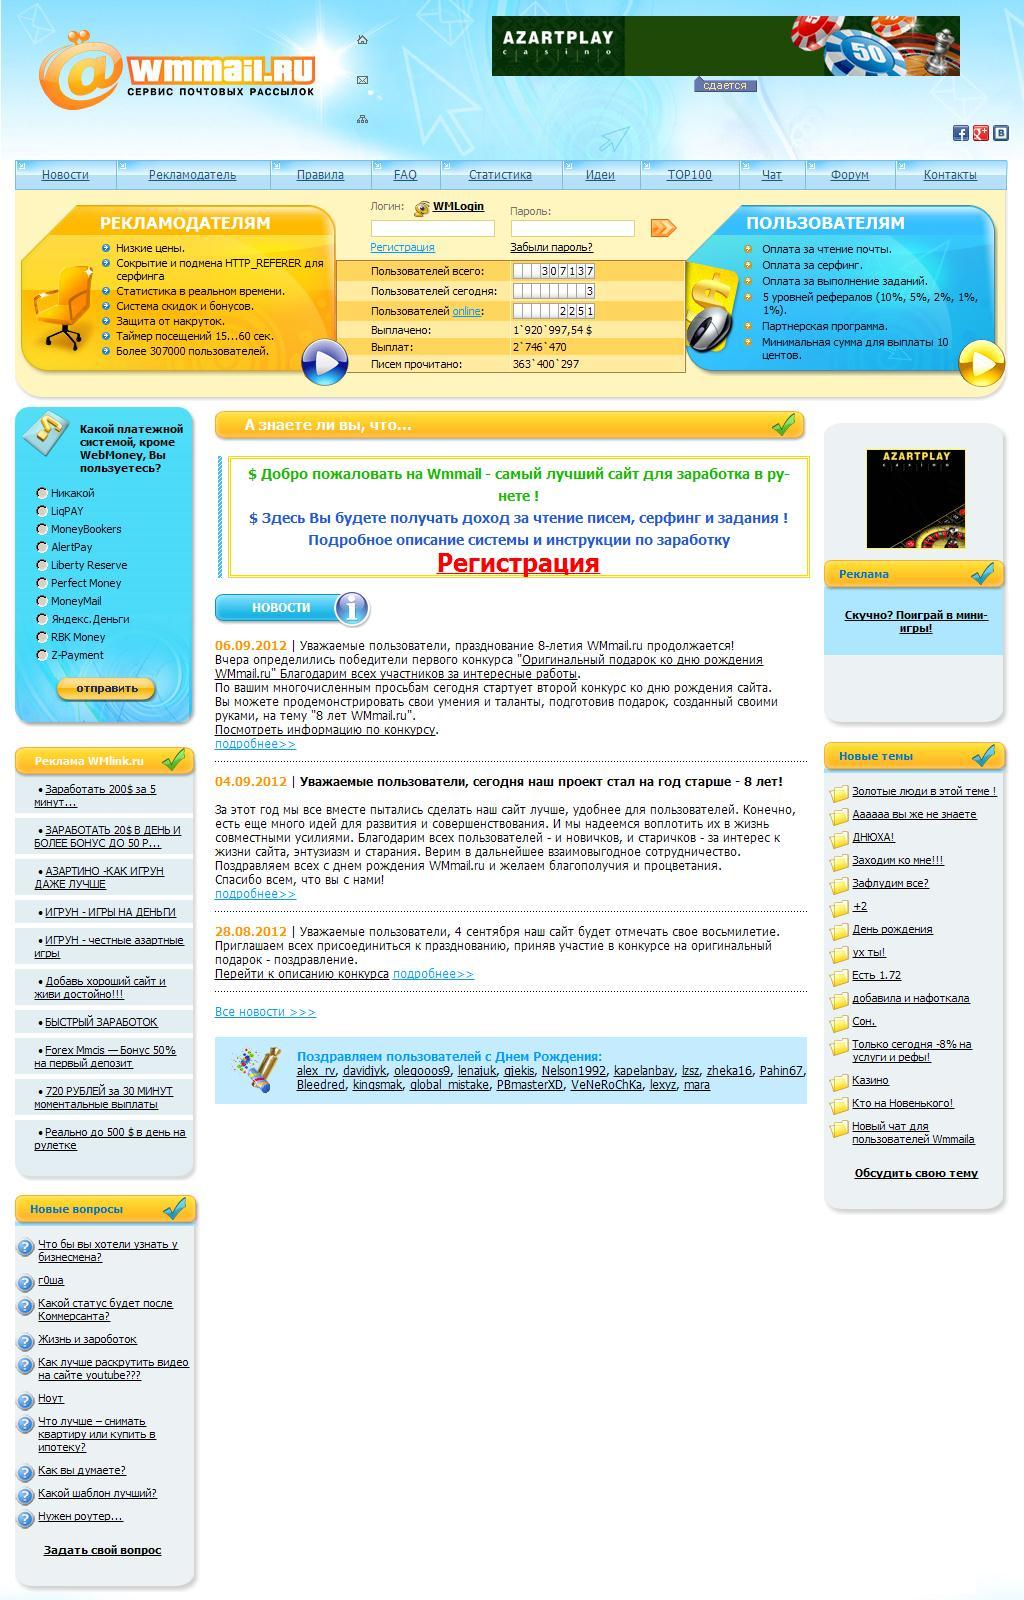 WMmail.ru - сервис почтовых рассылок. Раскрутка сайта, эффективная реклама и заработок в интернет!